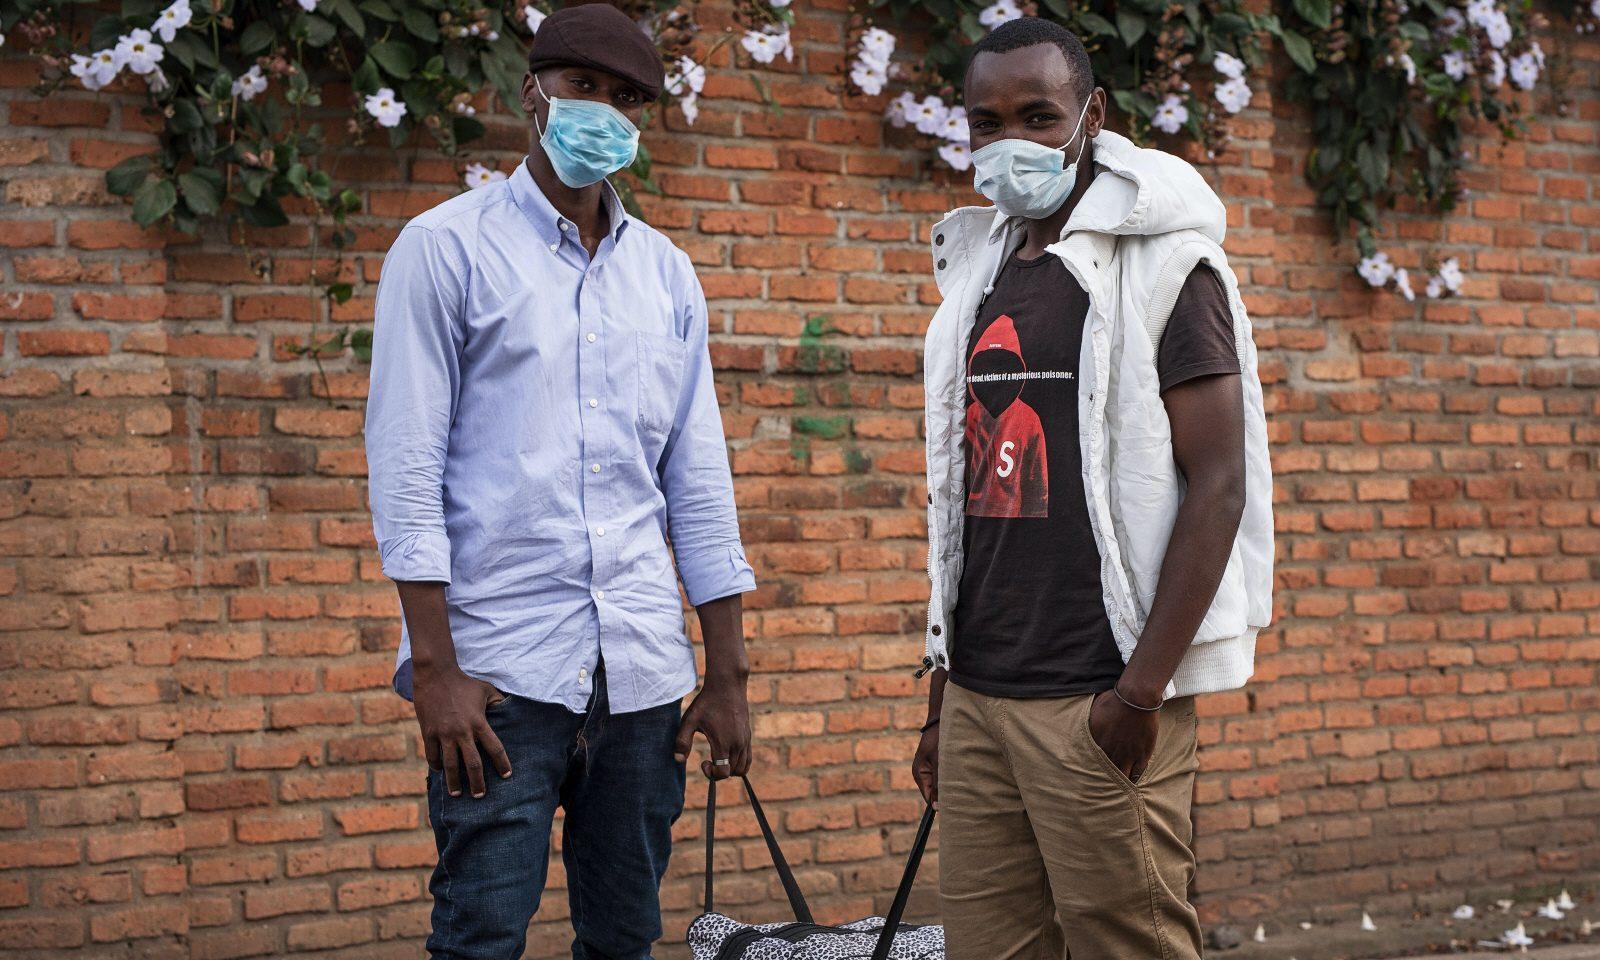 Paul Rurenga och Gabi Ntare är på väg från Goma i de östra delarna av Demokratiska republiken Kongo till Rwandas huvudstad Kigali, där de första fallen av coronaviruset nyligen registrerades.